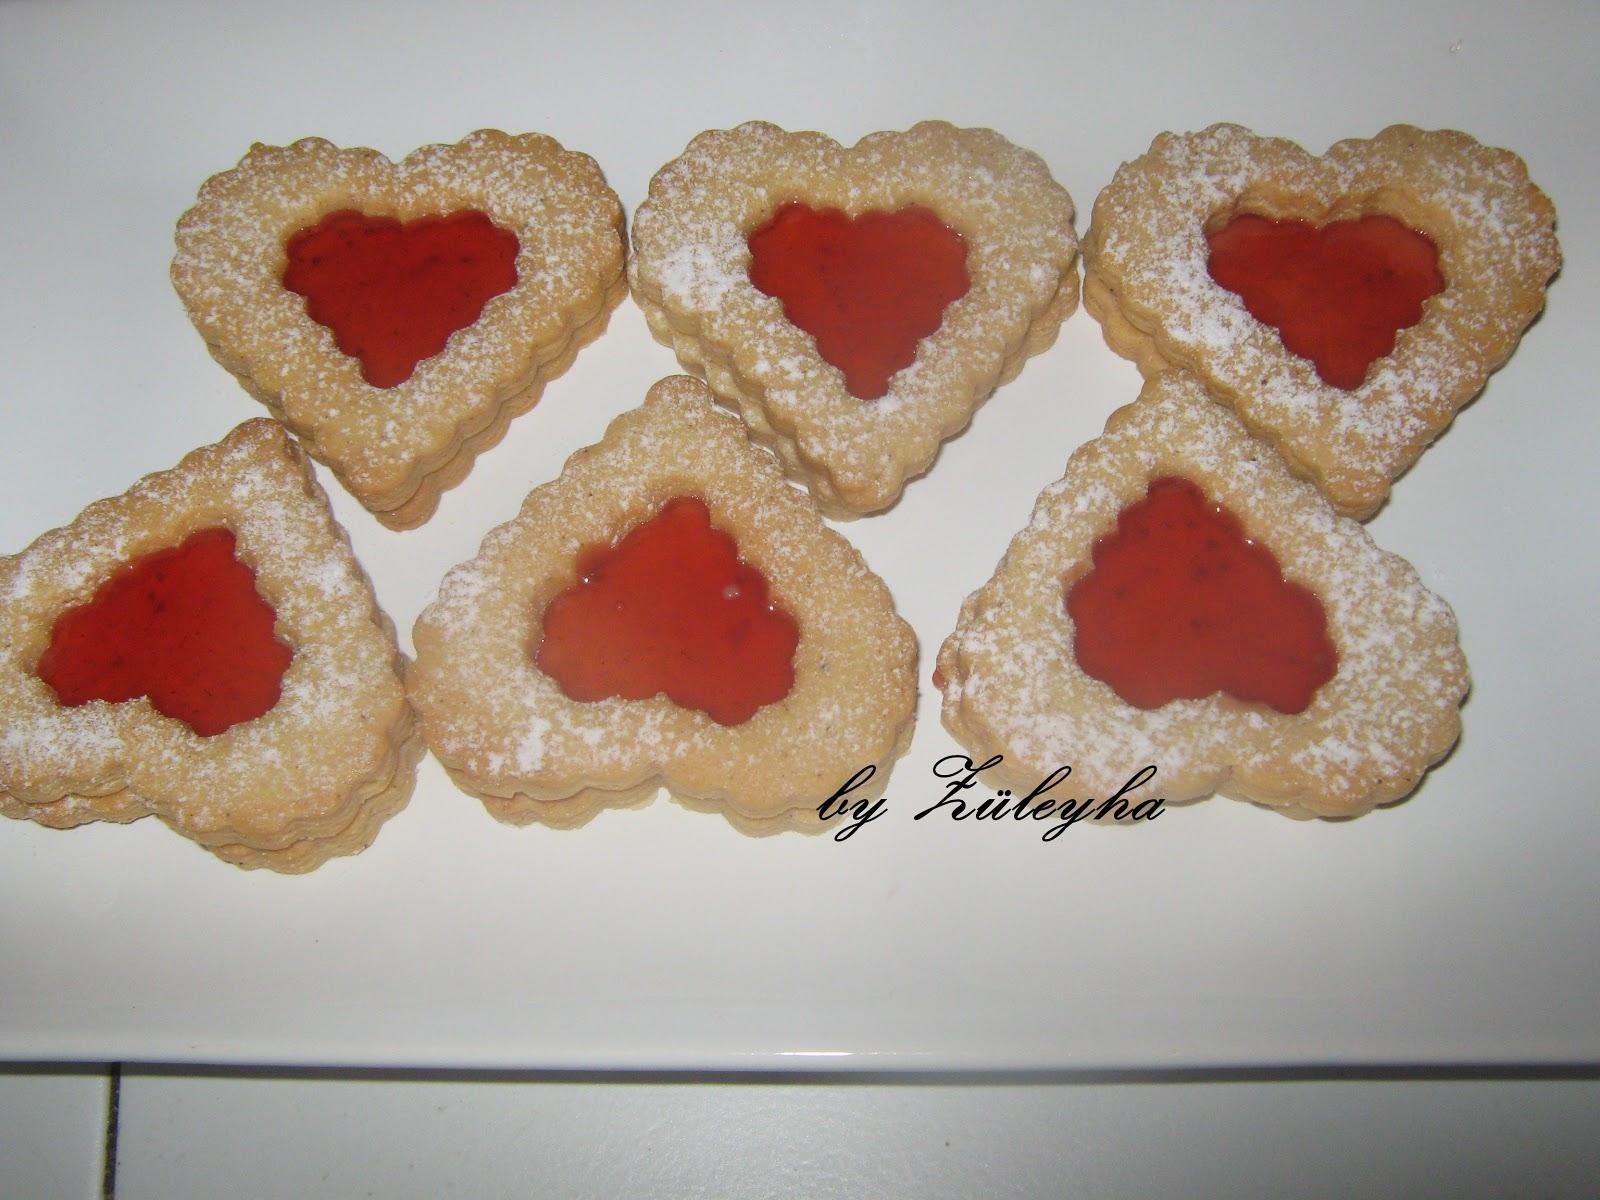 reçelli kurabiye,kurabiye,marmelatlı kurabiye